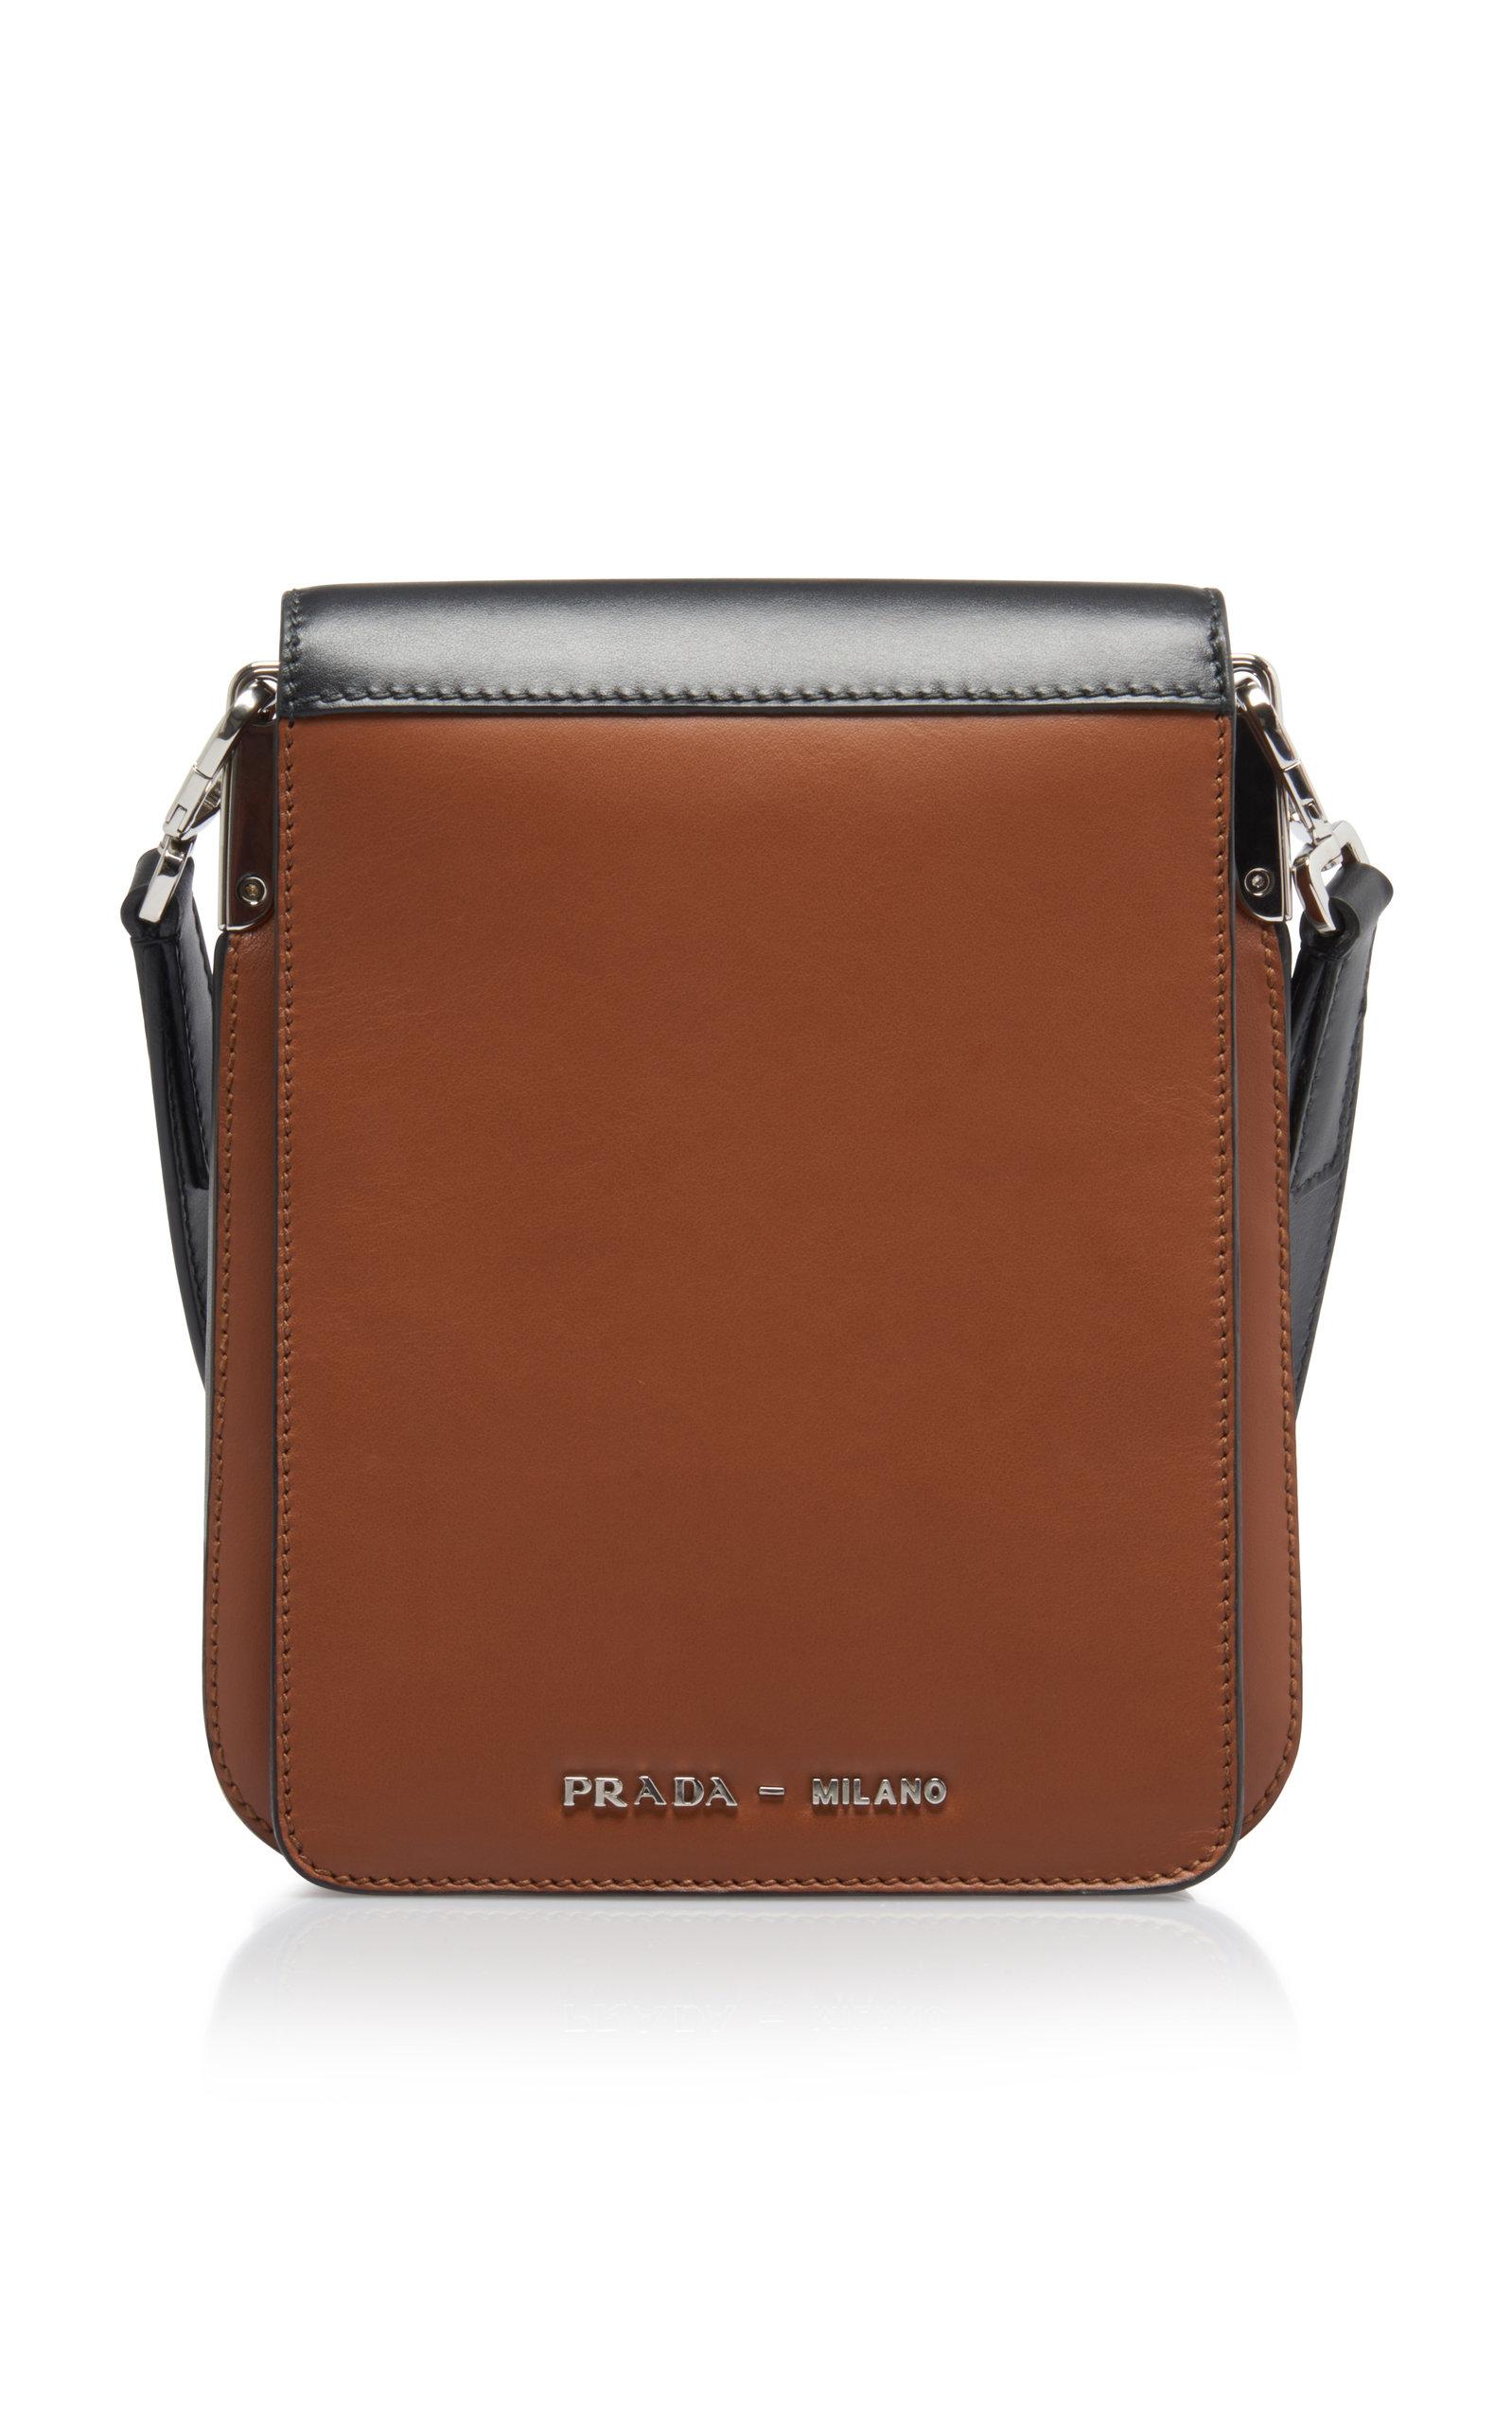 57270f33d1c9 Men s Prada Bags